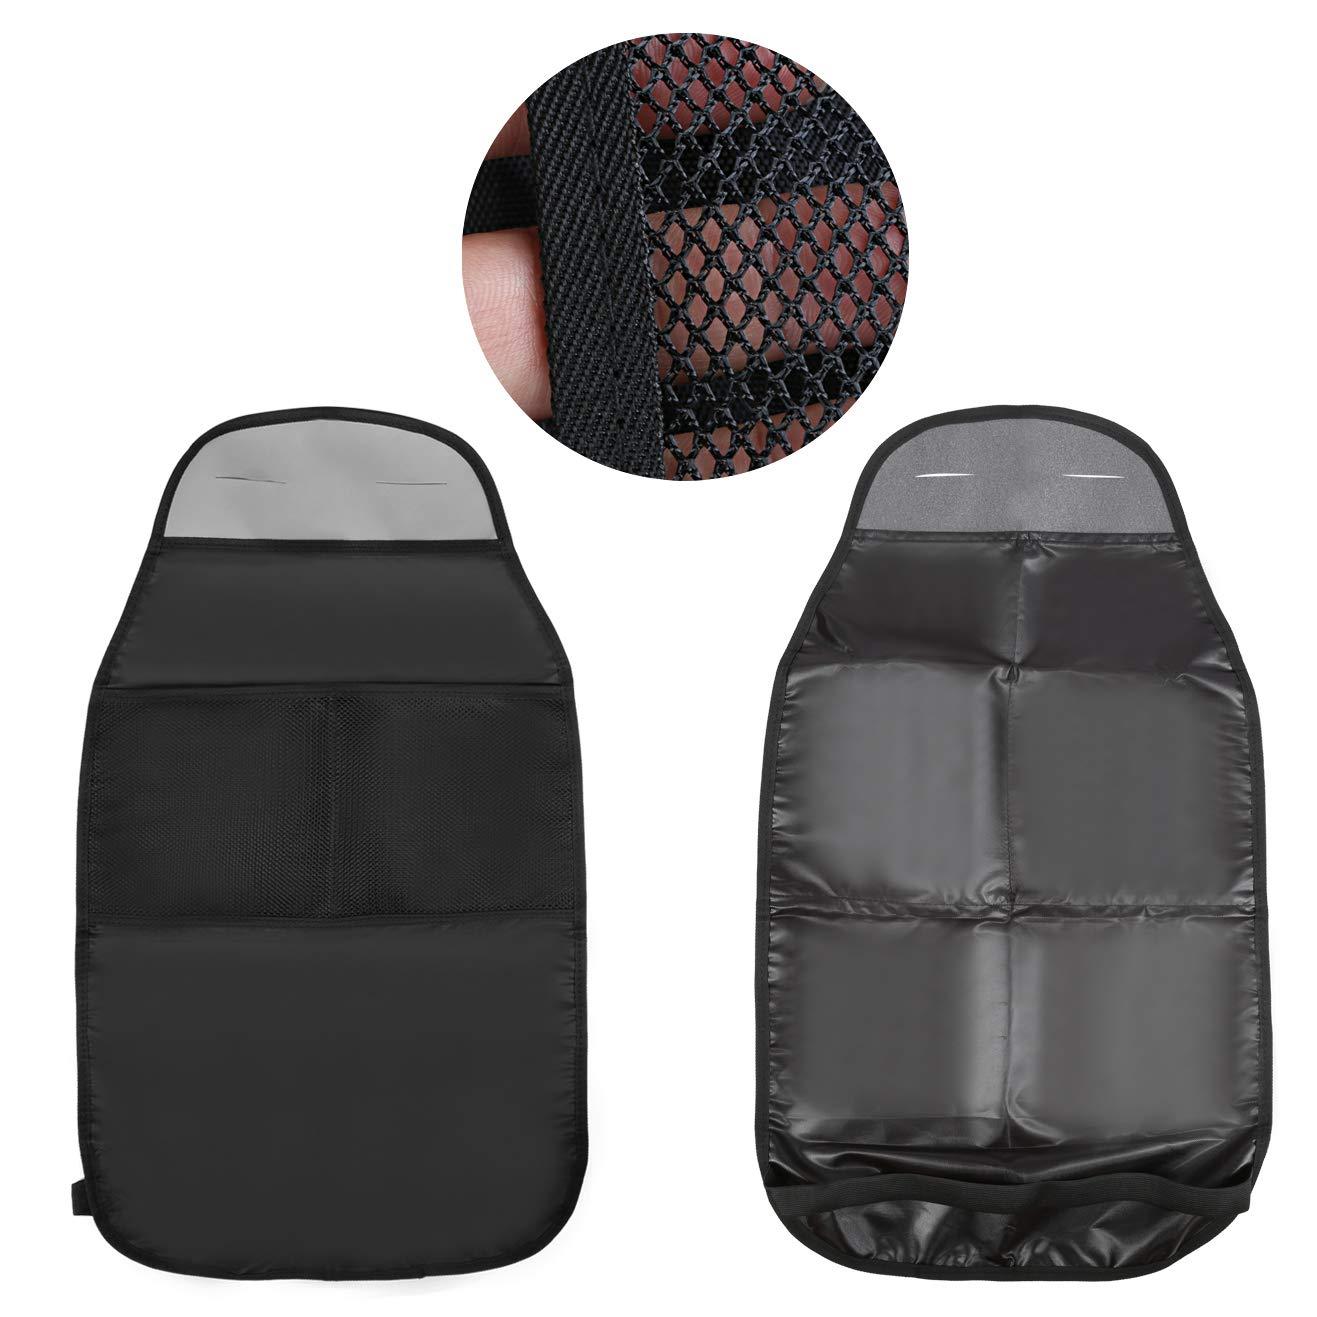 LIHAO 2er Autositzauflage mit R/ückenlehnenschutz Autositzschoner Kindersitz Unterlage